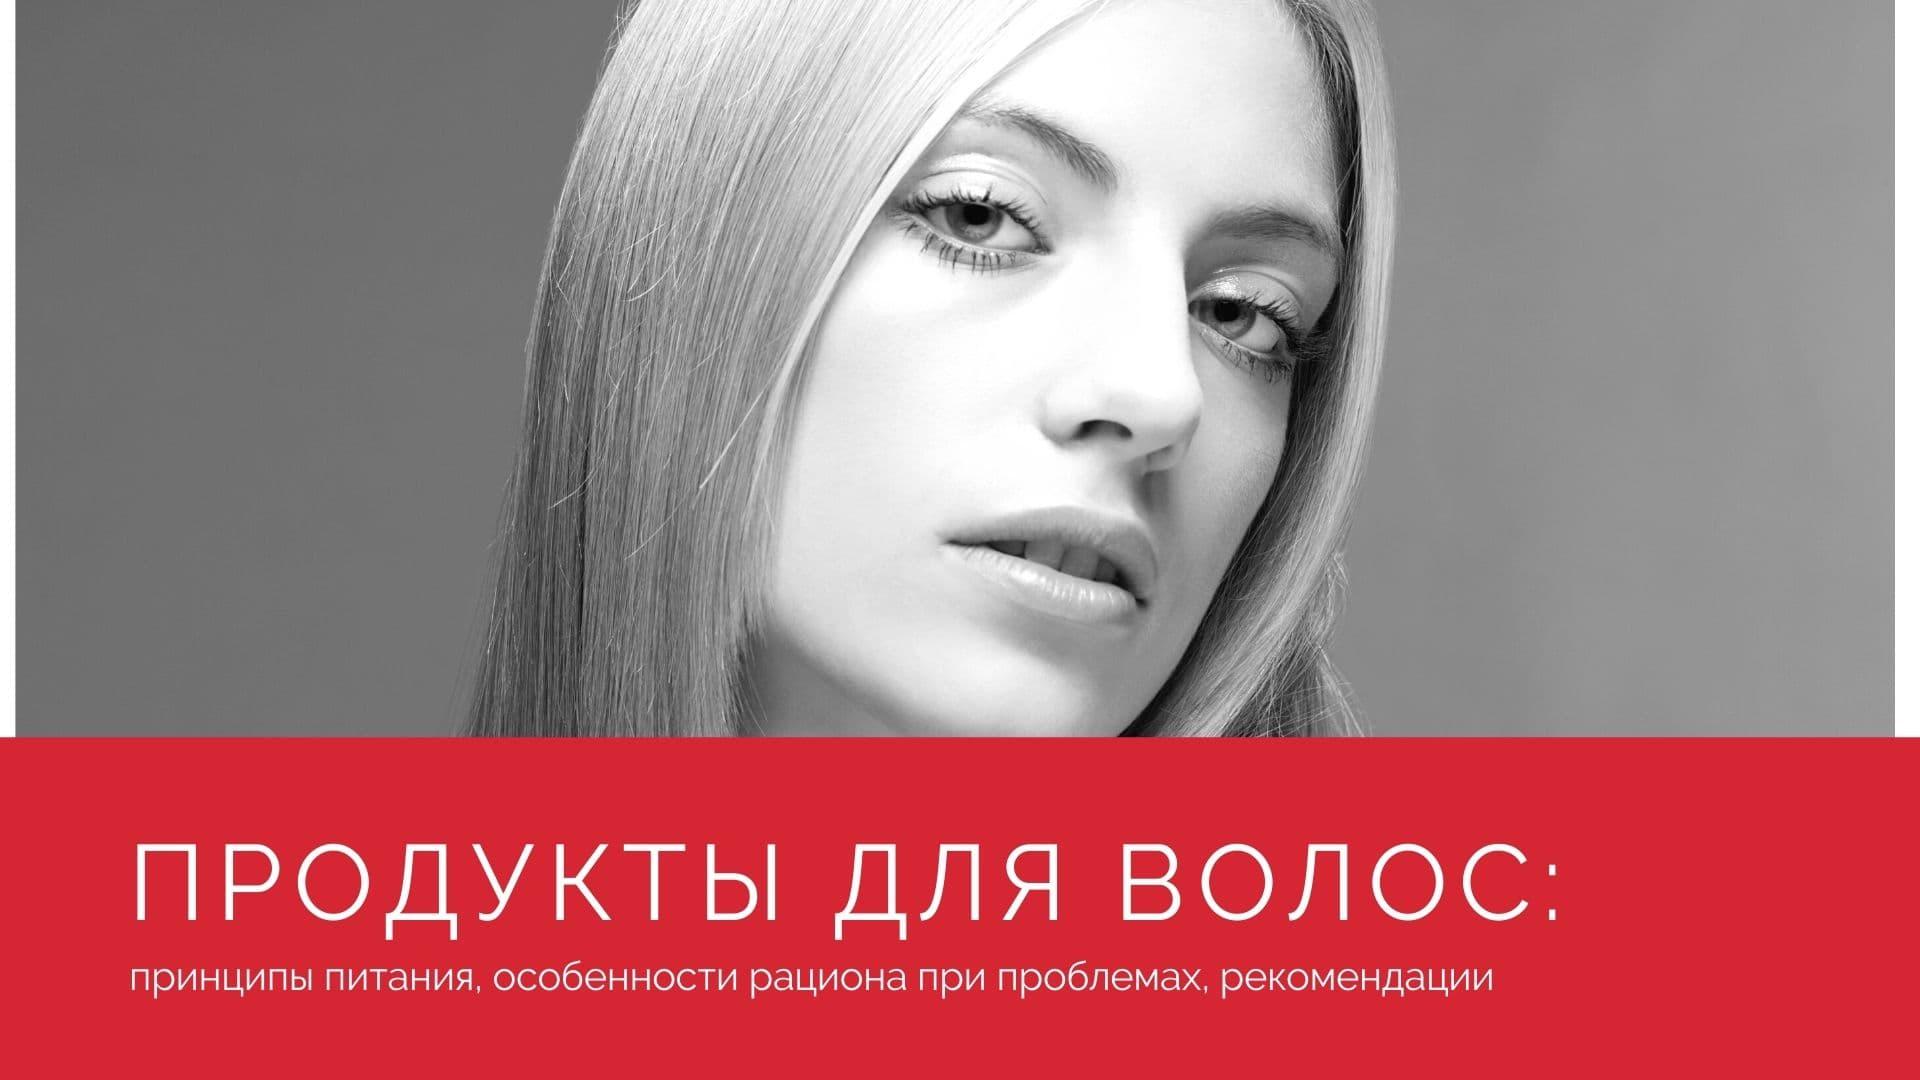 Продукты для волос: принципы питания, особенности рациона при проблемах, рекомендации